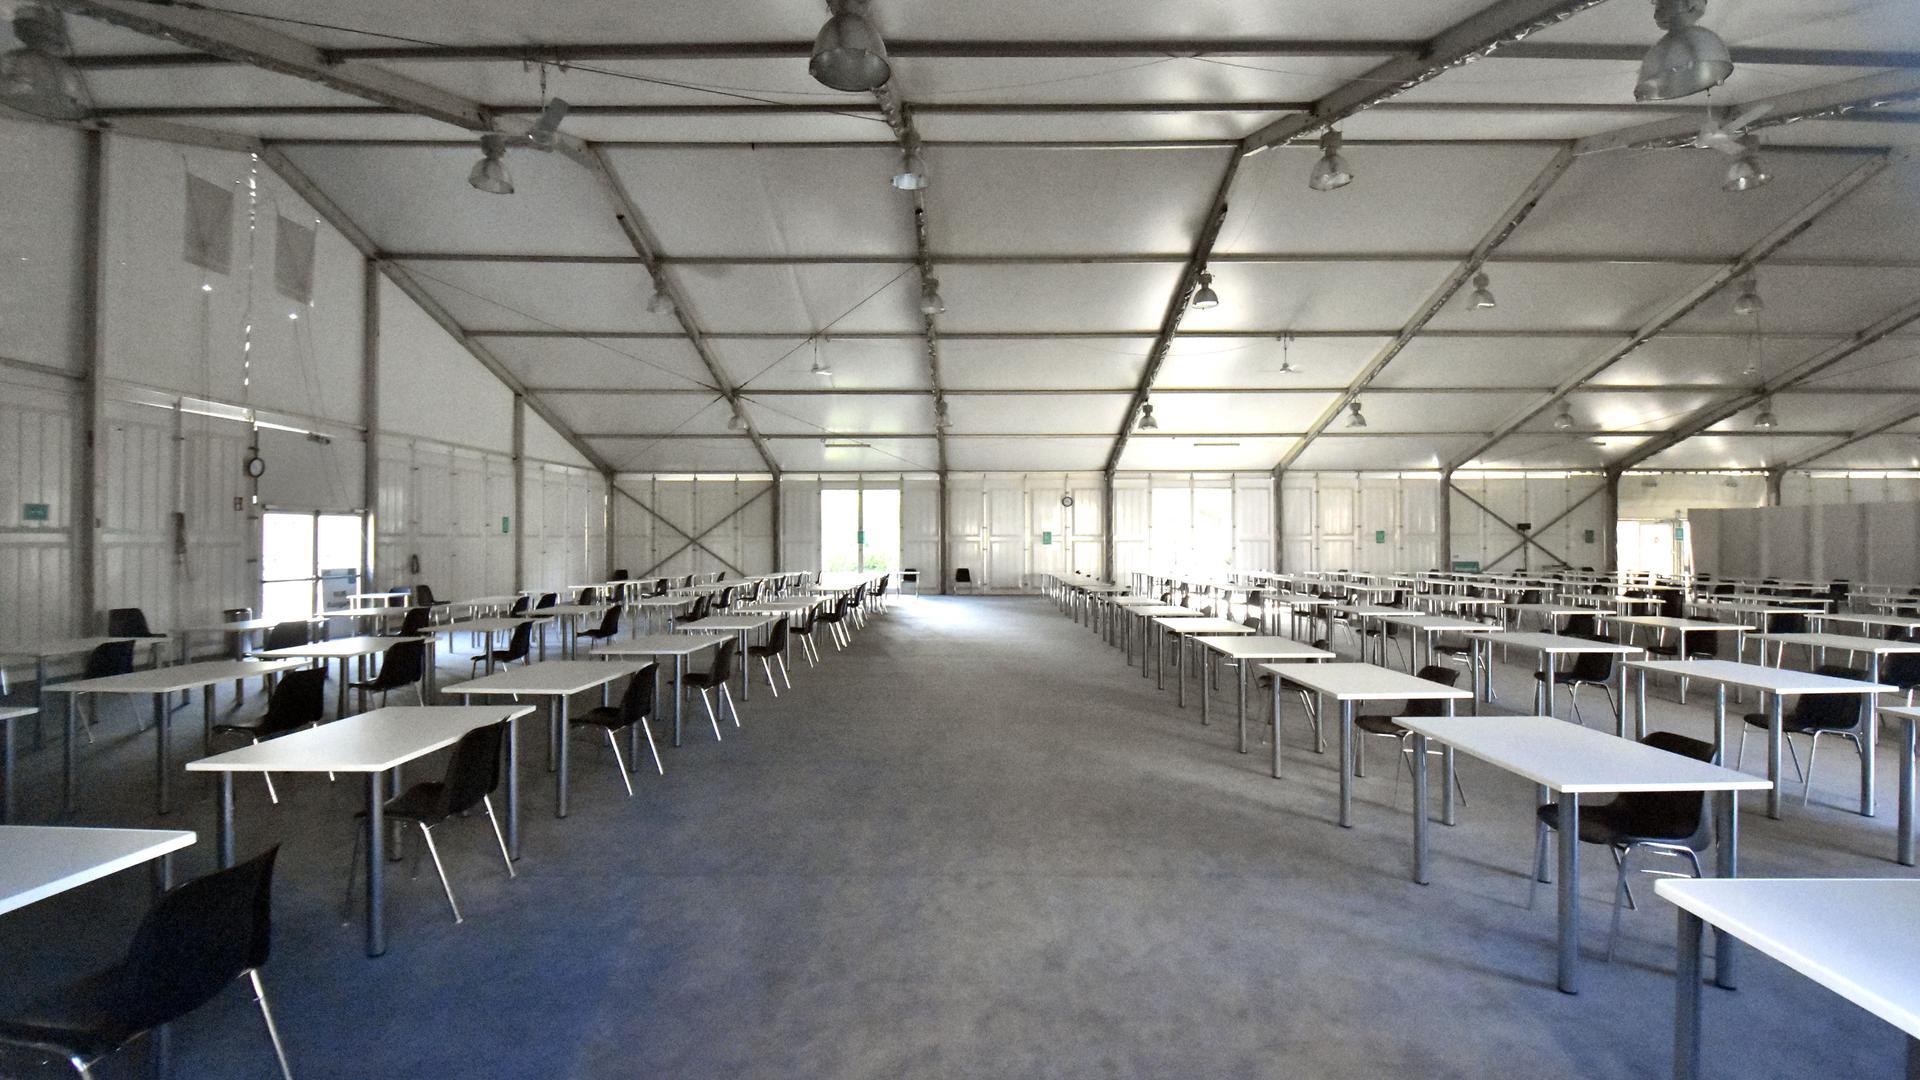 Raum für Prüfungen: Die Nutzung der großen Zelte weiter. Im Gegensatz zu angemieteten Räumen sind sie für das KIT durchgehend verfügbar.